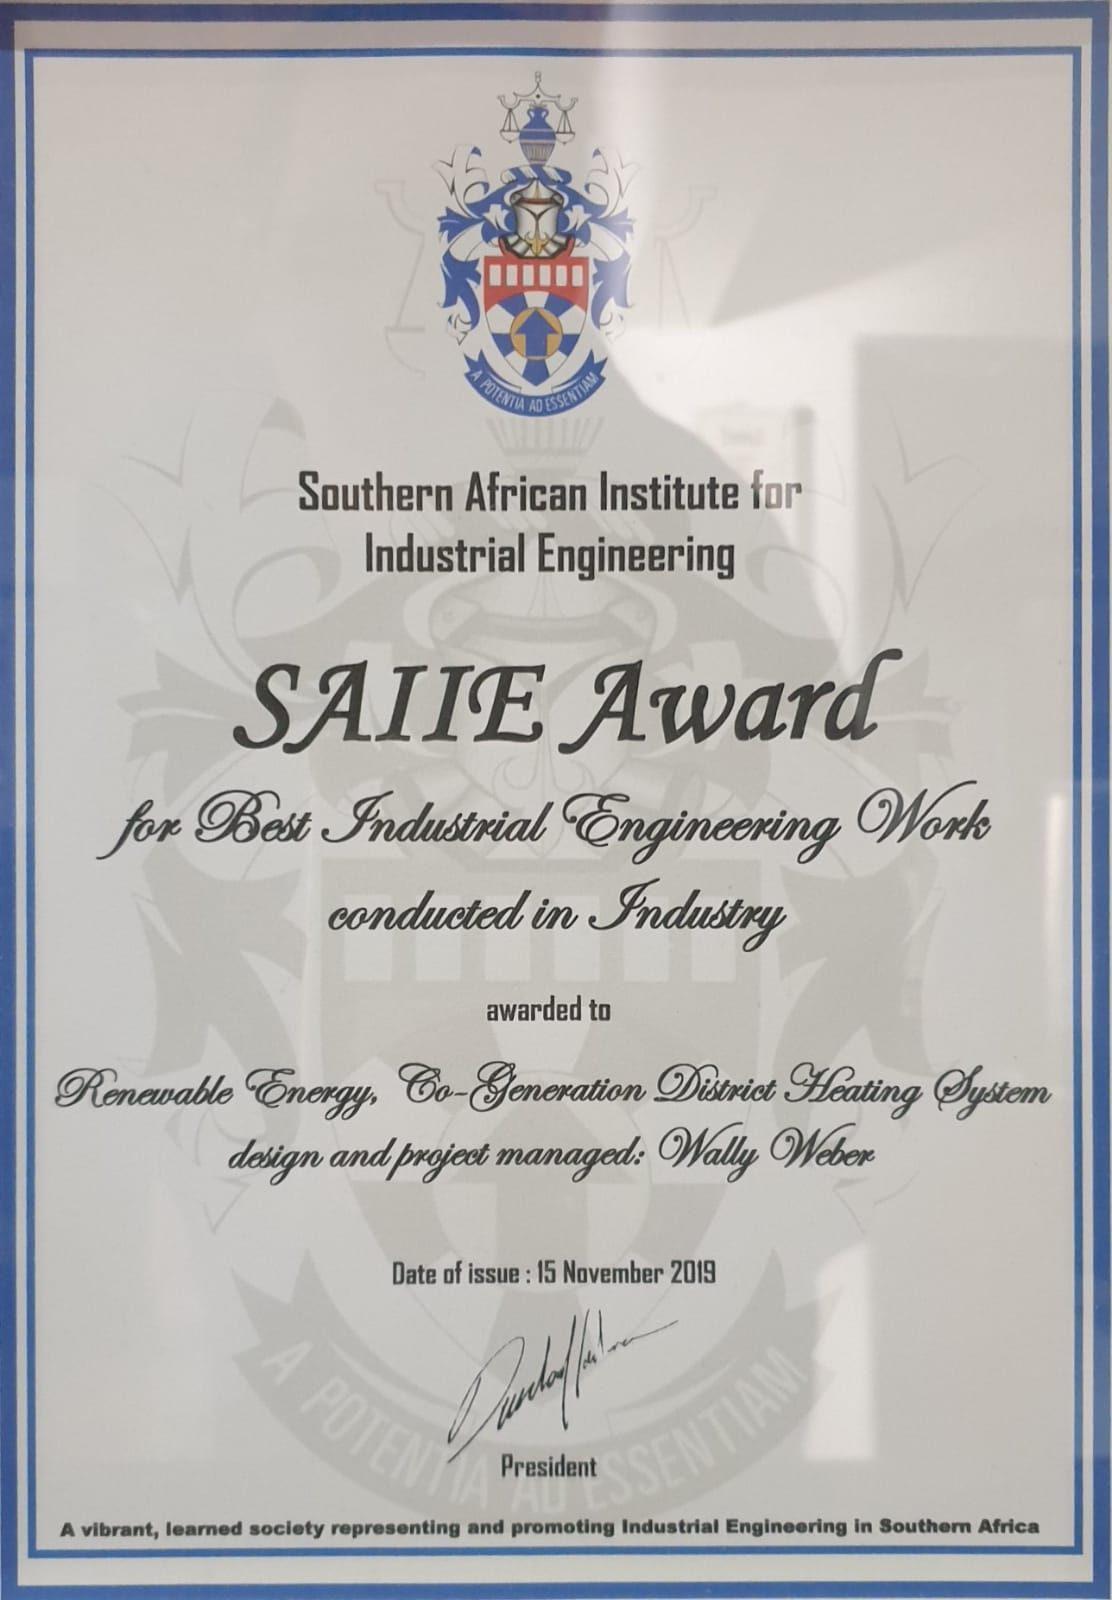 SAIIE Award